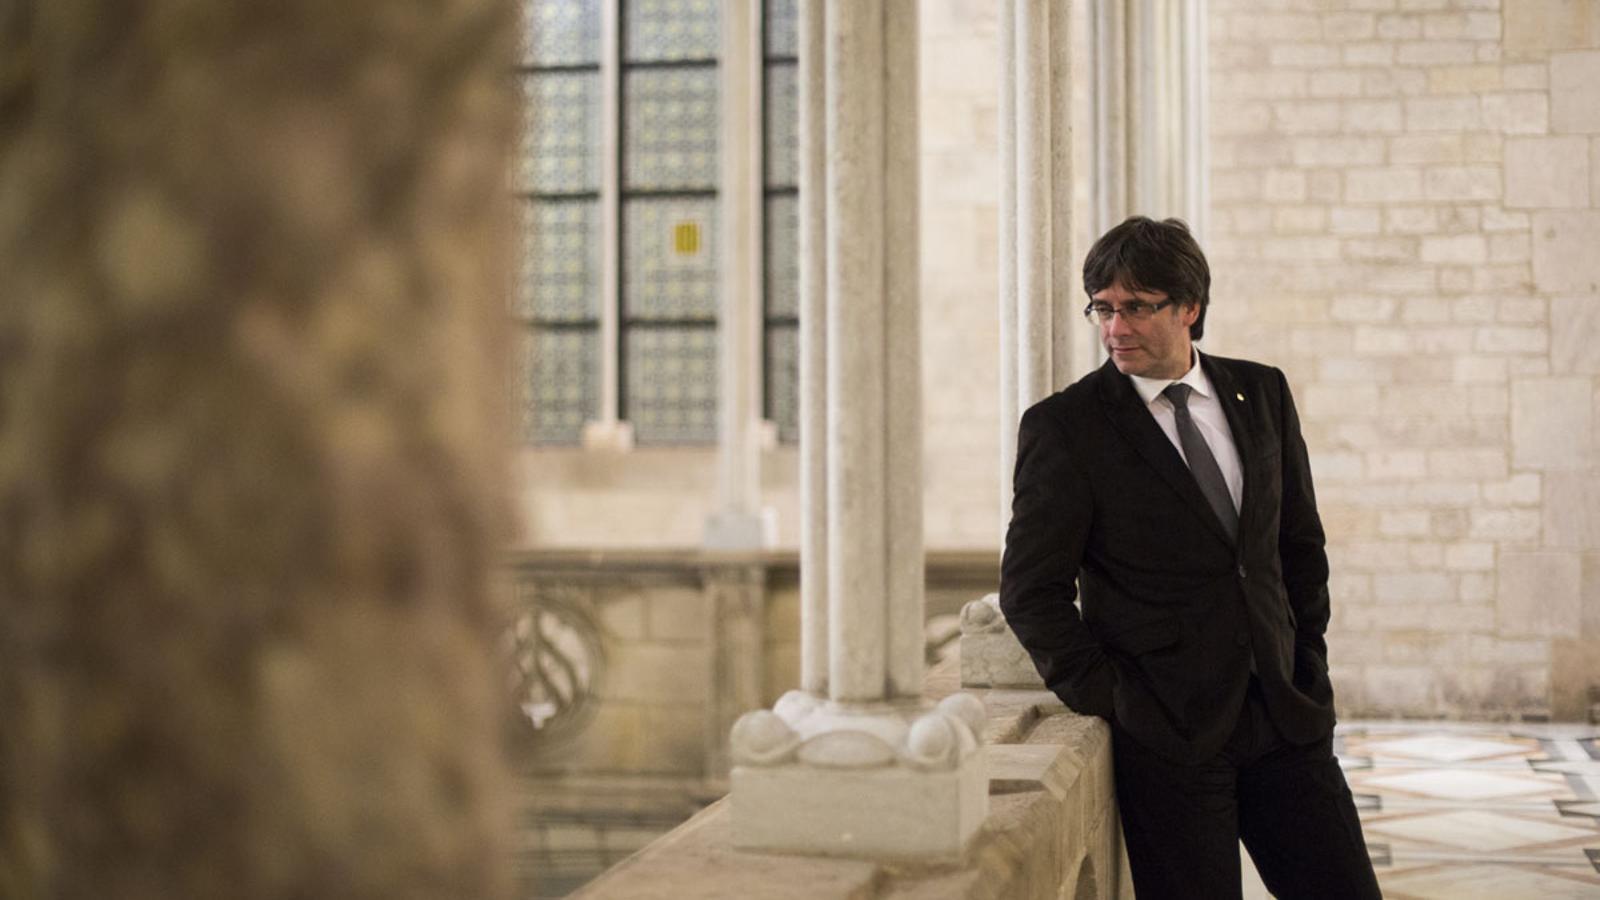 El president de la Generalitat, Carles Puigdemont. / FERRAN FORNÉ